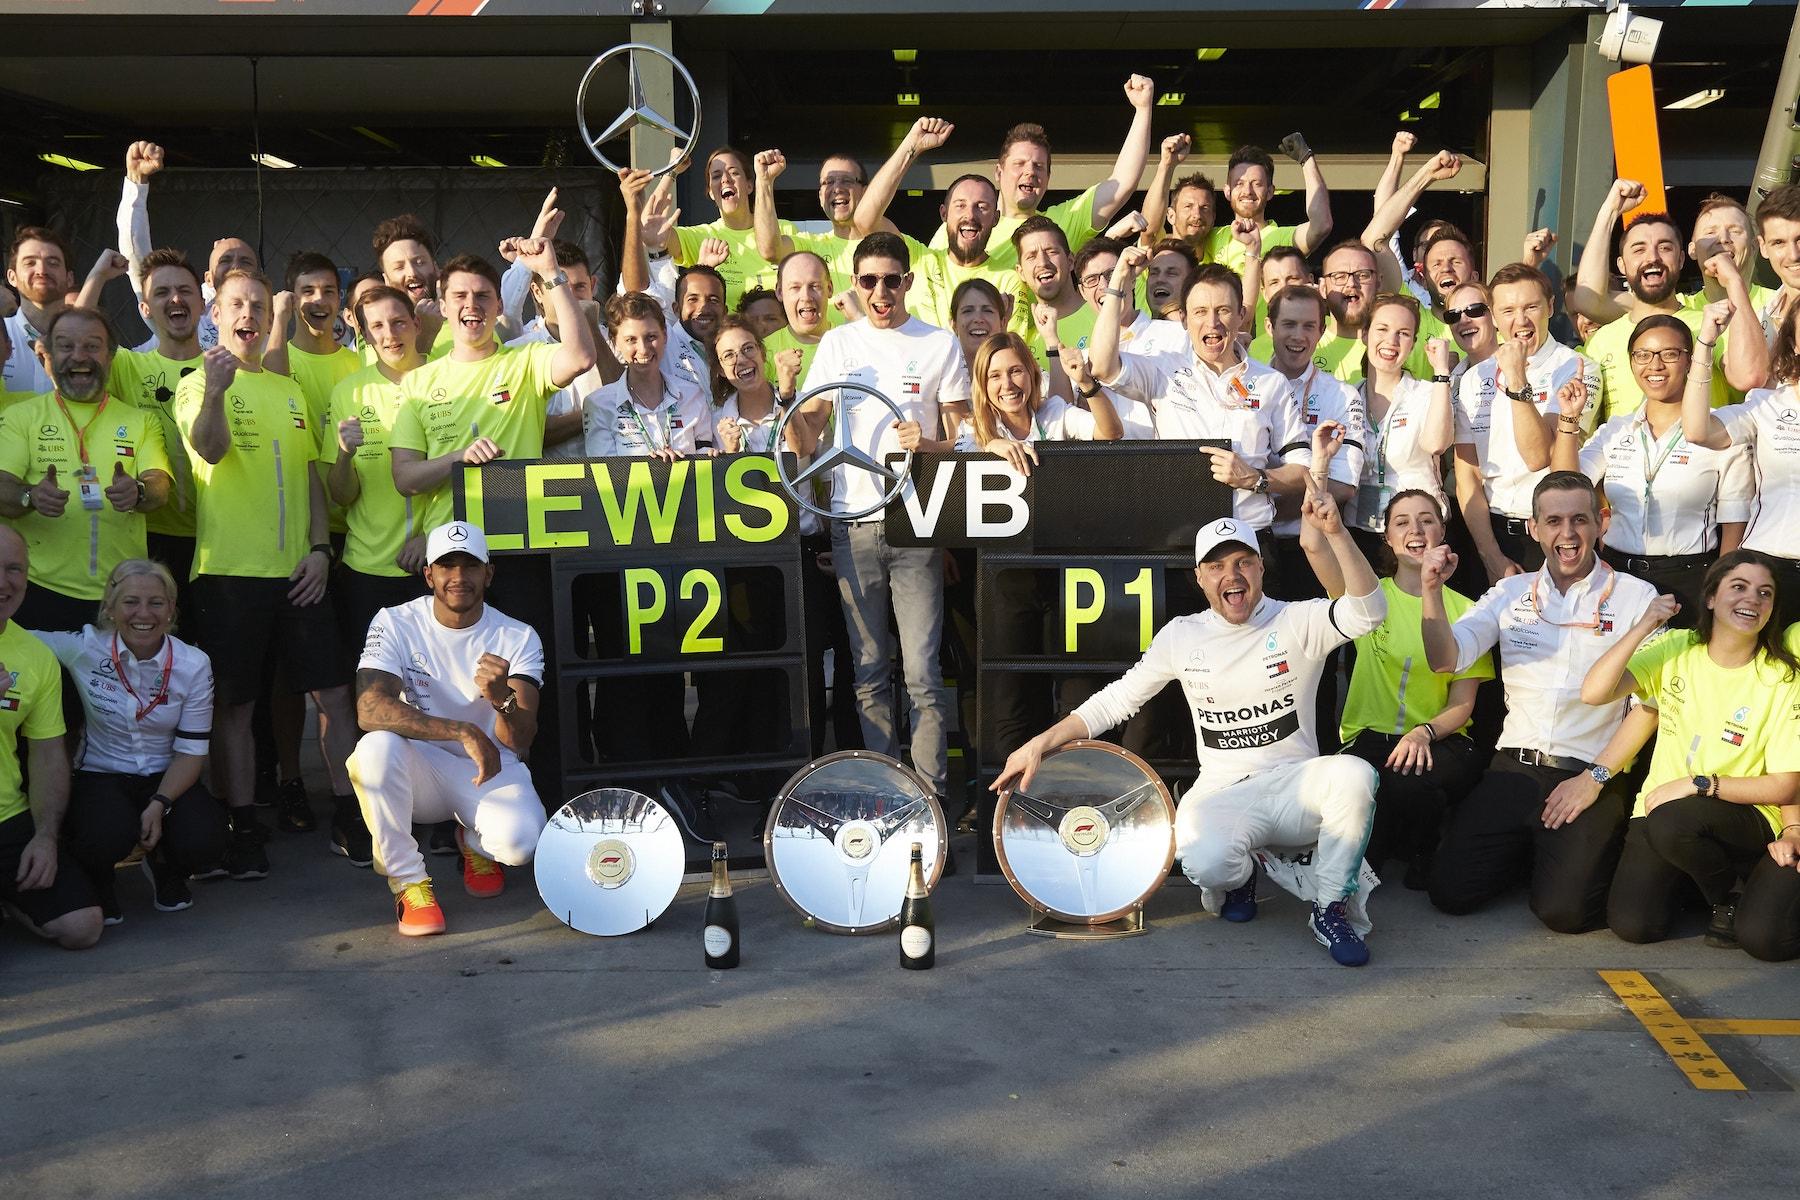 Z 2019 Mercedes celebrating 1 2 | 2019 Australian GP copy.JPG